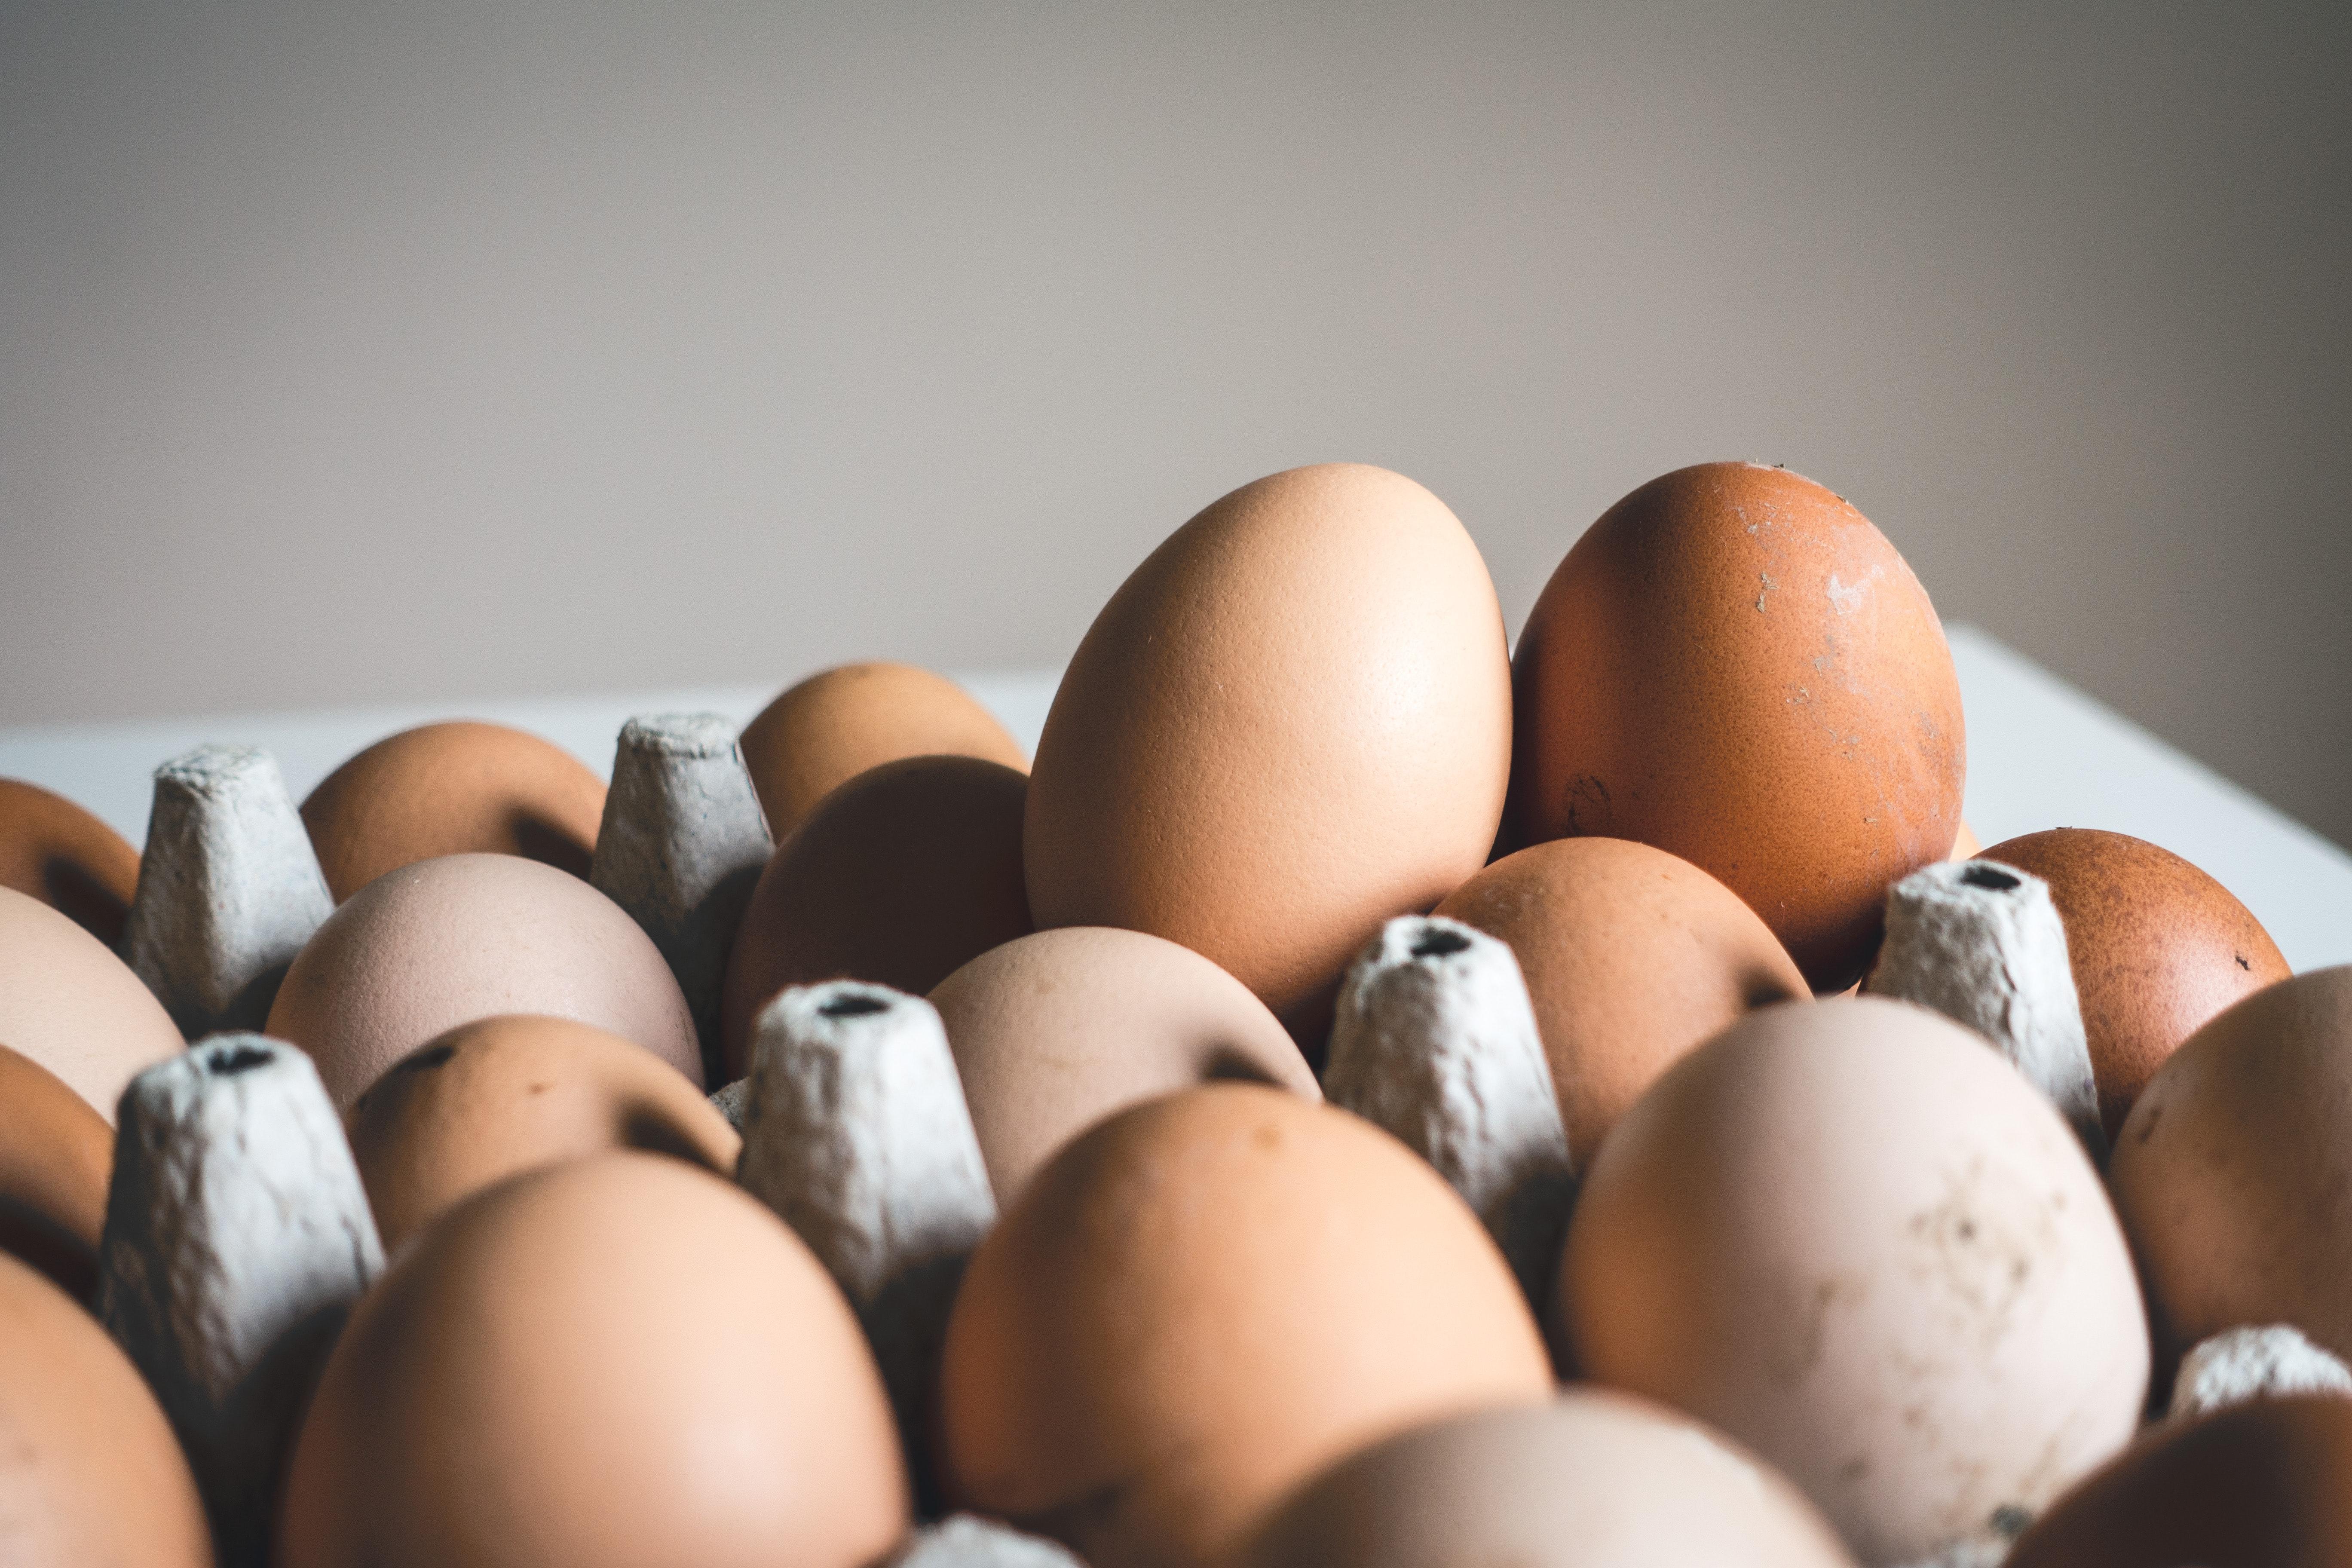 Decoding egg labels